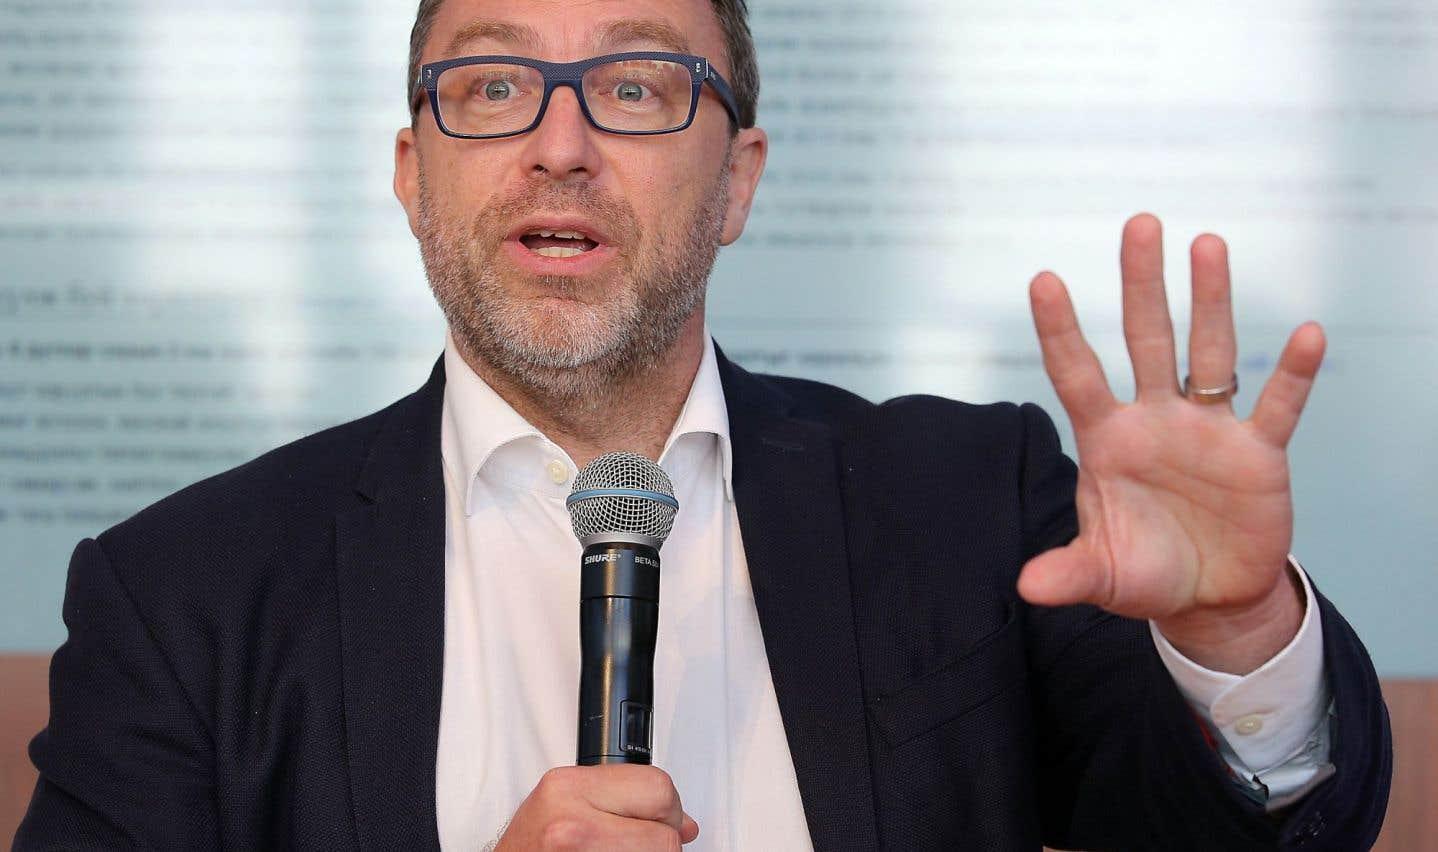 Le fondateur de l'encyclopédie en ligne Wikipedia, Jimmy Wales, a prononcé une allocution dans le cadre d'un événement organisé par la Chambre de commerce du Montréal métropolitain, lundi à Montréal.